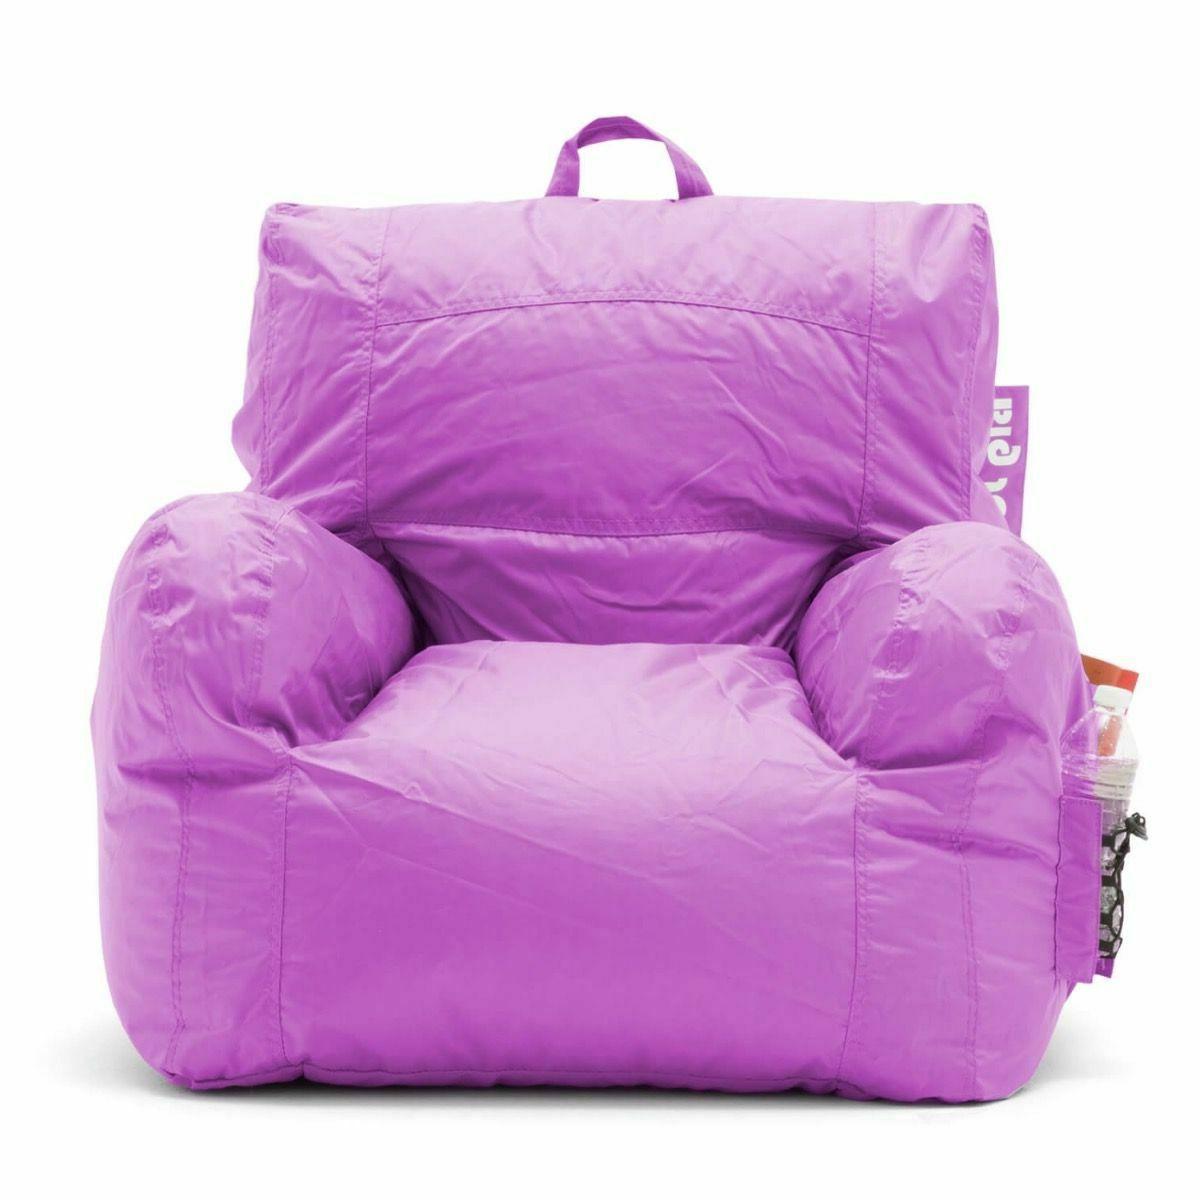 Big Chair Dorm Adults